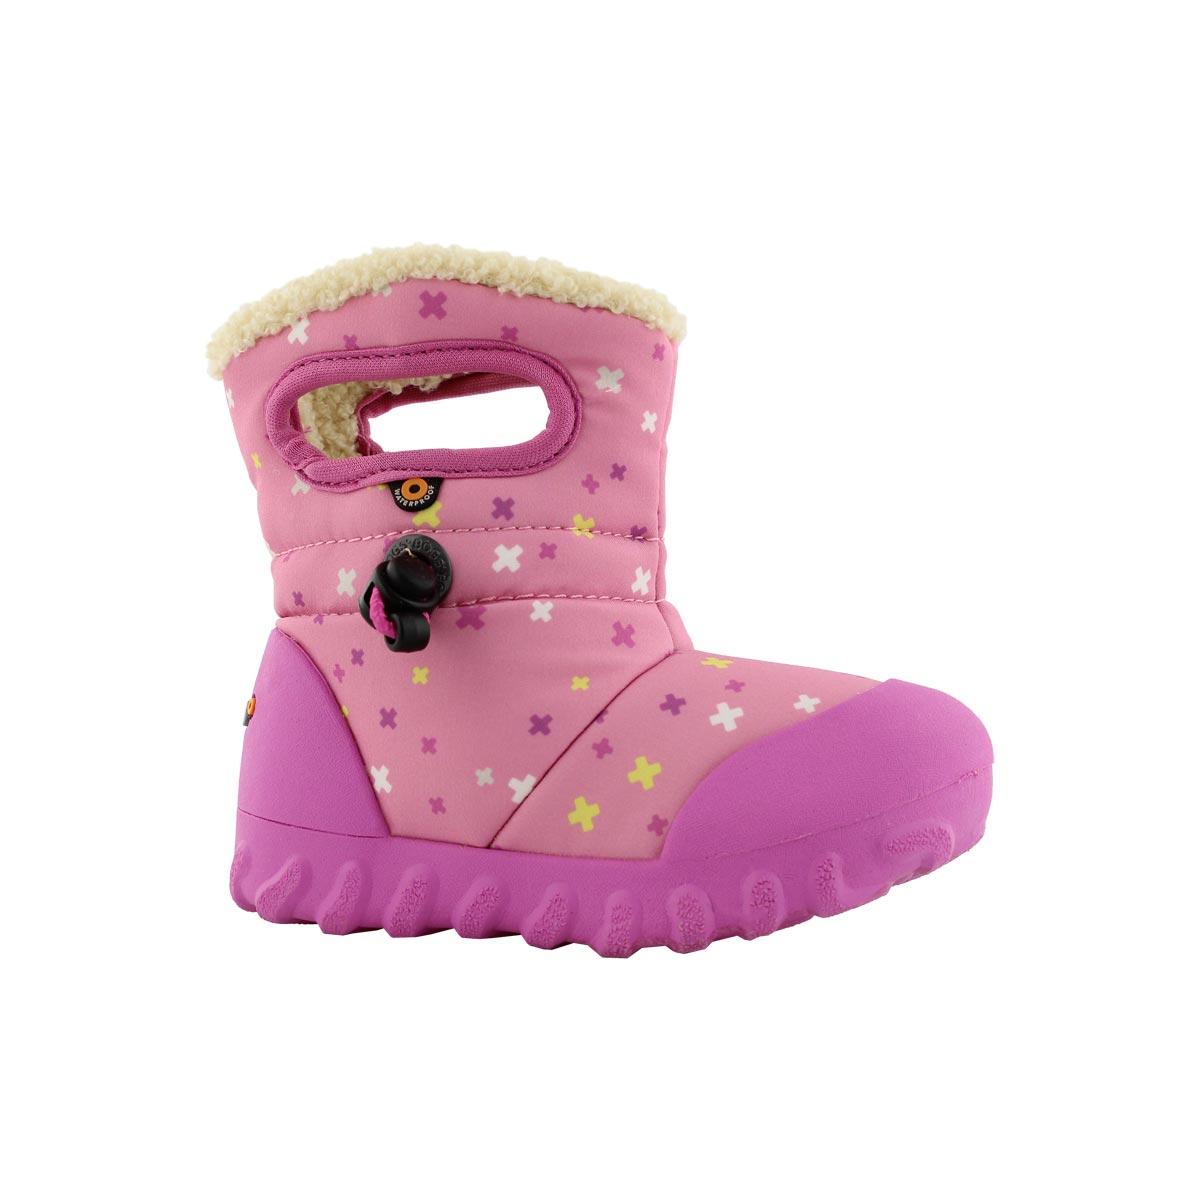 Inf-g B-Moc Plus pink mlti wtpf boot